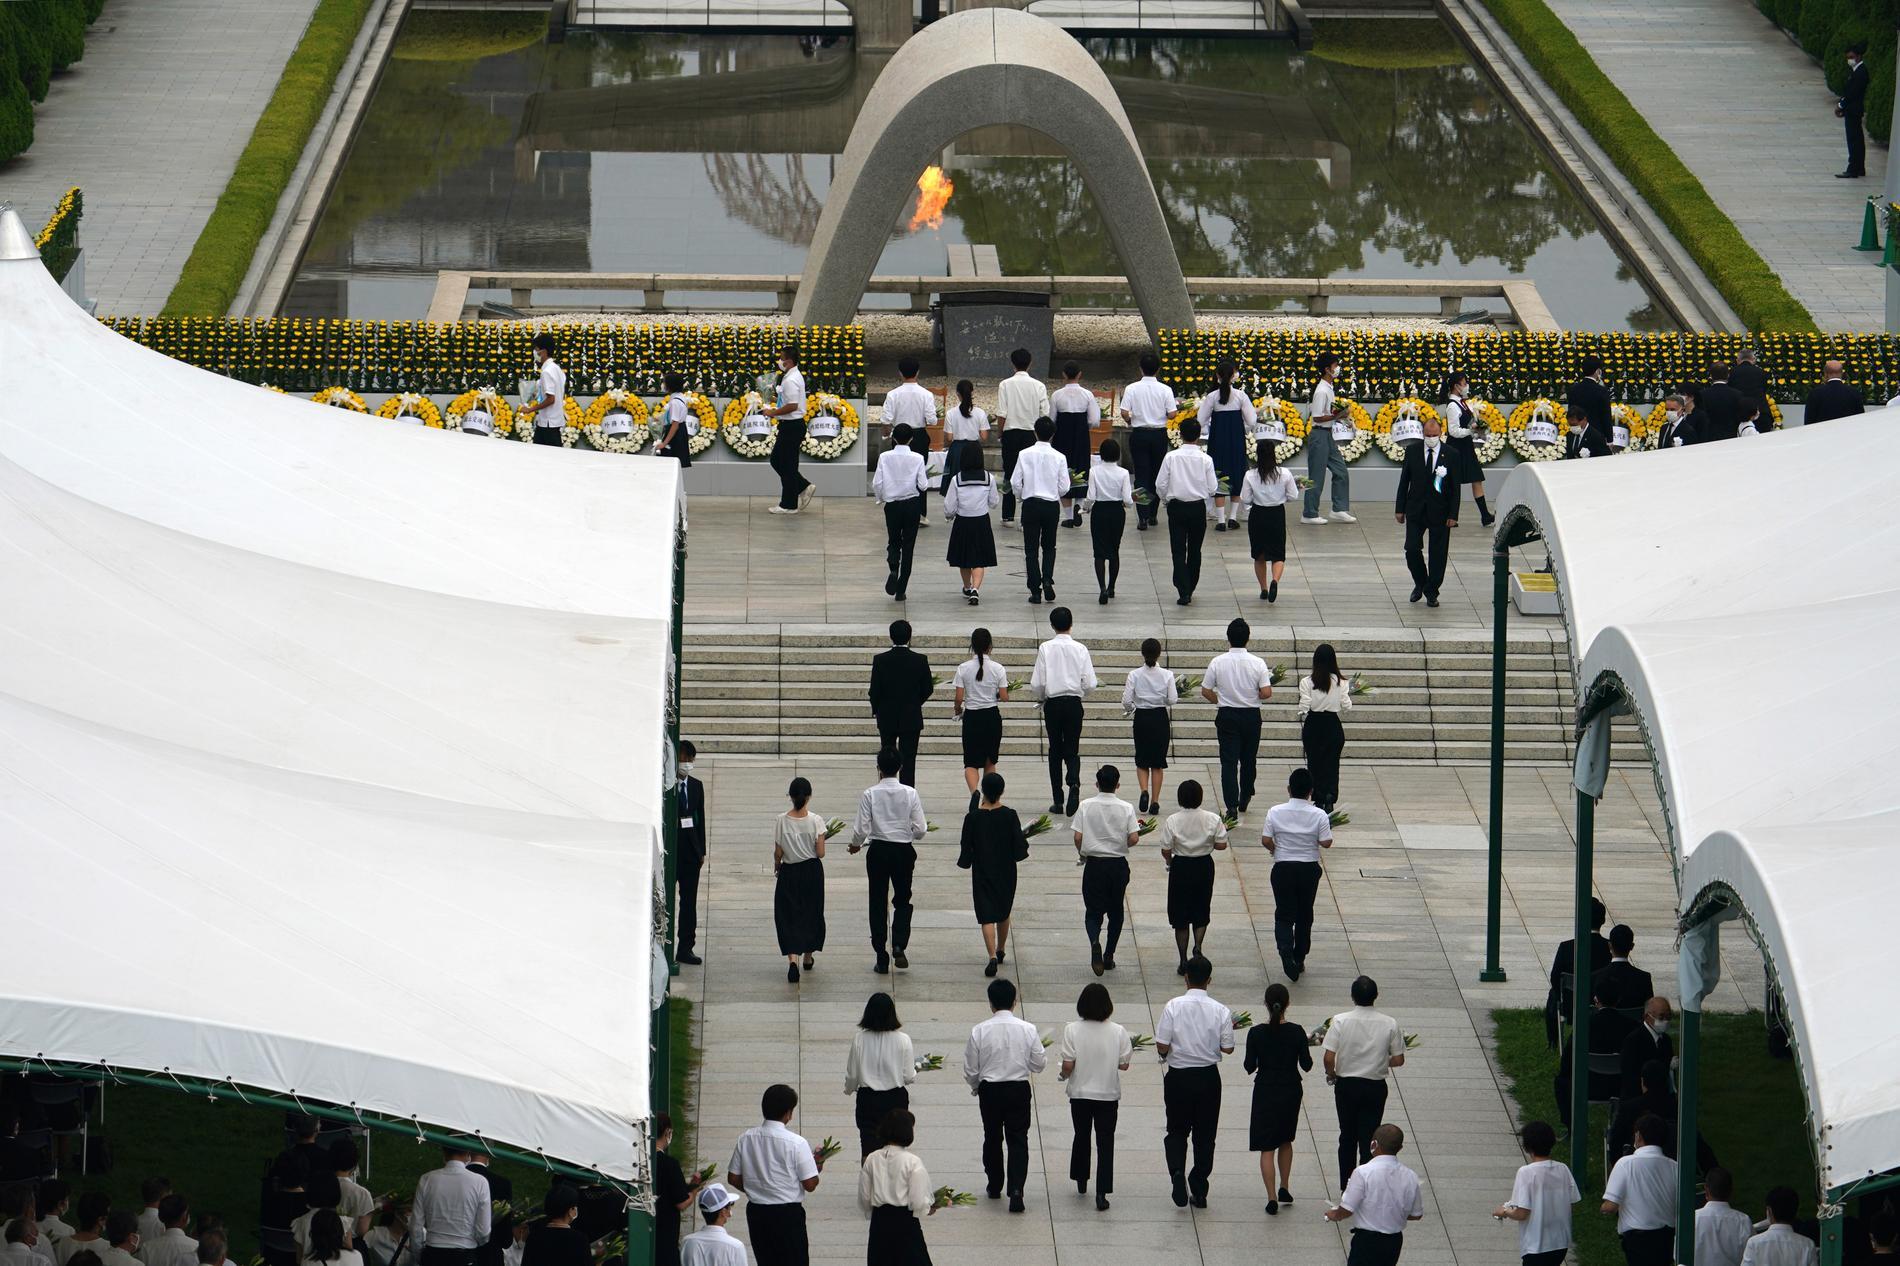 Årets minnesceremoni i Hiroshimas Peace Memorial Park var coronaanpassad och med färre deltagare än normalt.